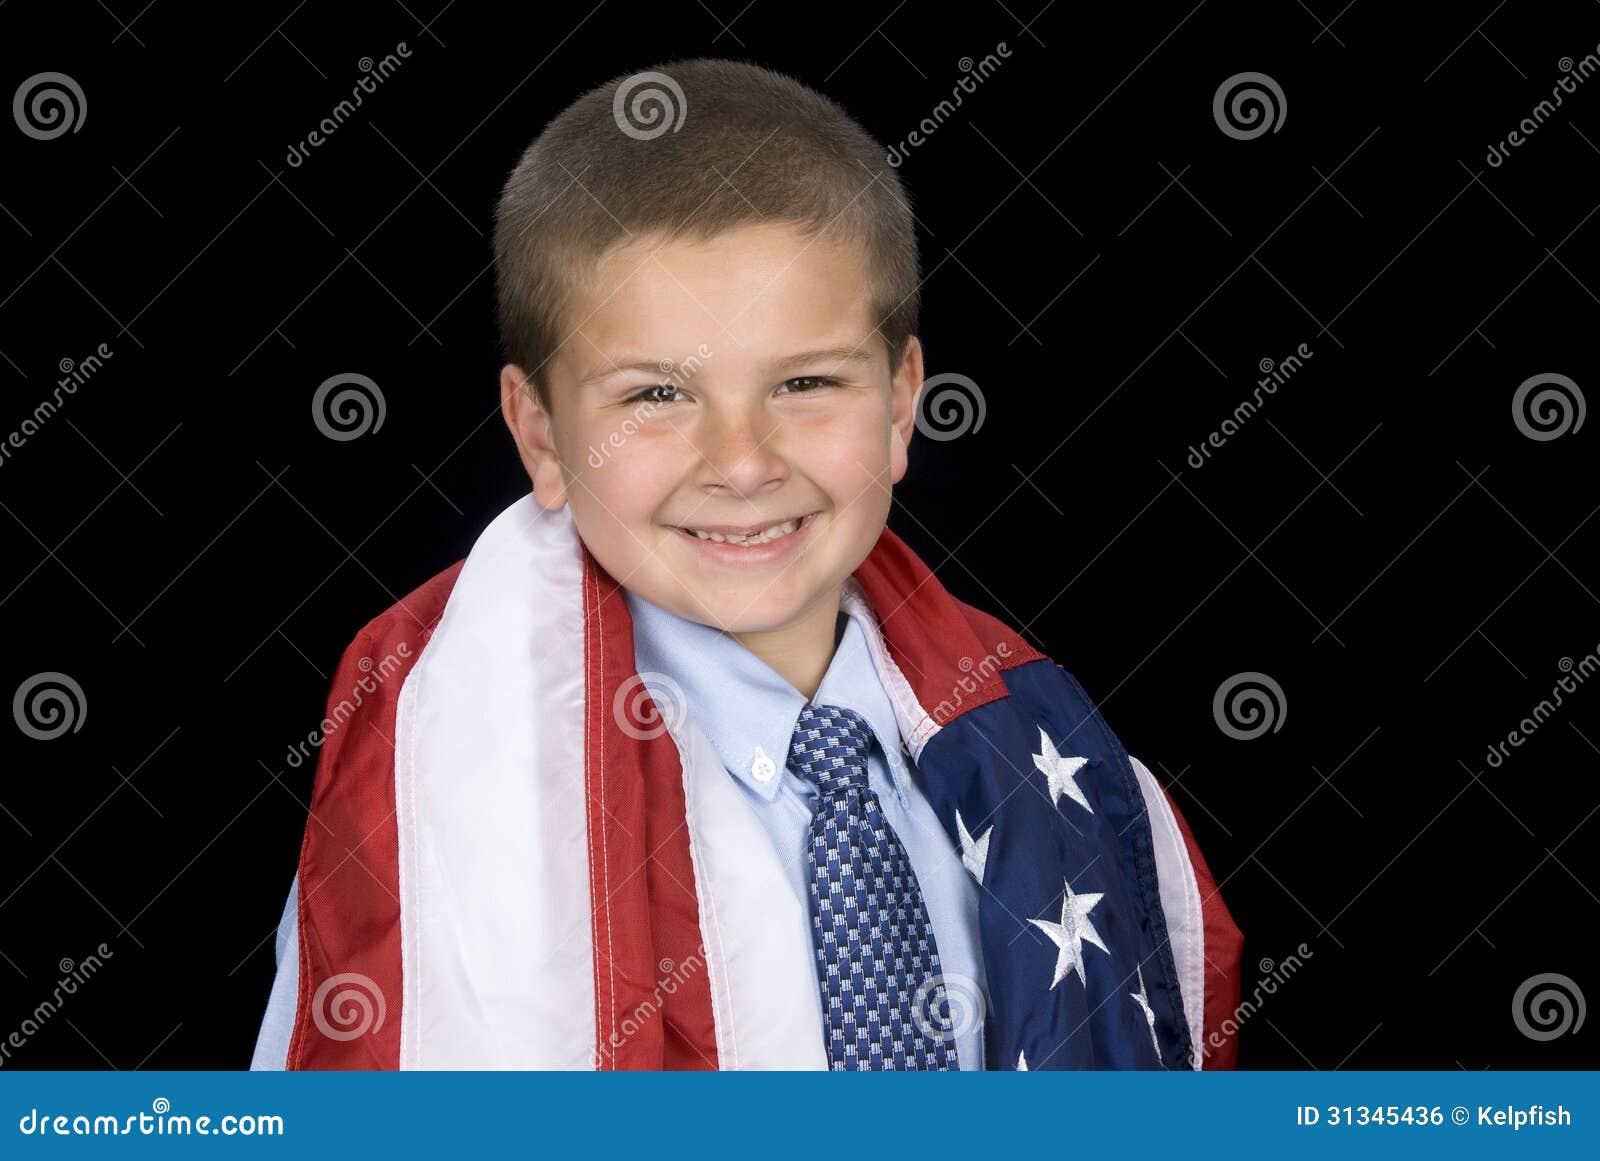 Junge mit amerikanischer Flagge um Schultern